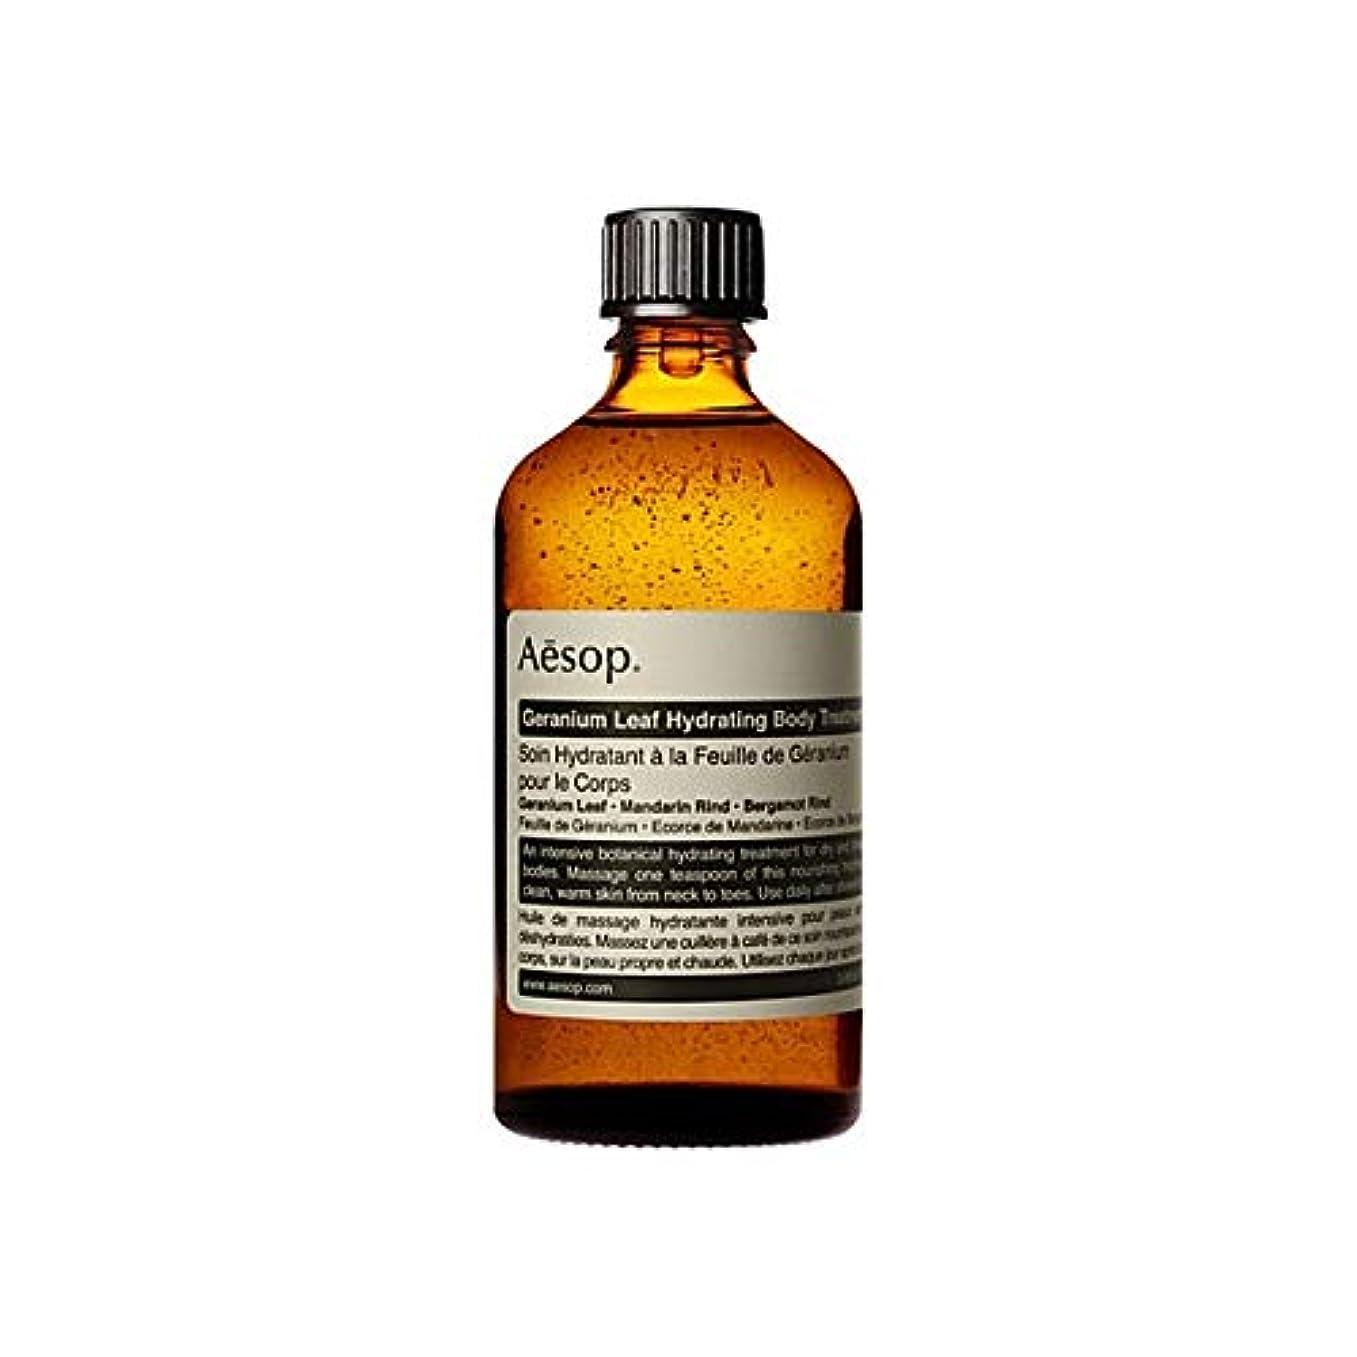 幸運な部アッティカス[Aesop] イソップのゼラニウムの葉水和ボディトリートメント100ミリリットル - Aesop Geranium Leaf Hydrating Body Treatment 100ml [並行輸入品]